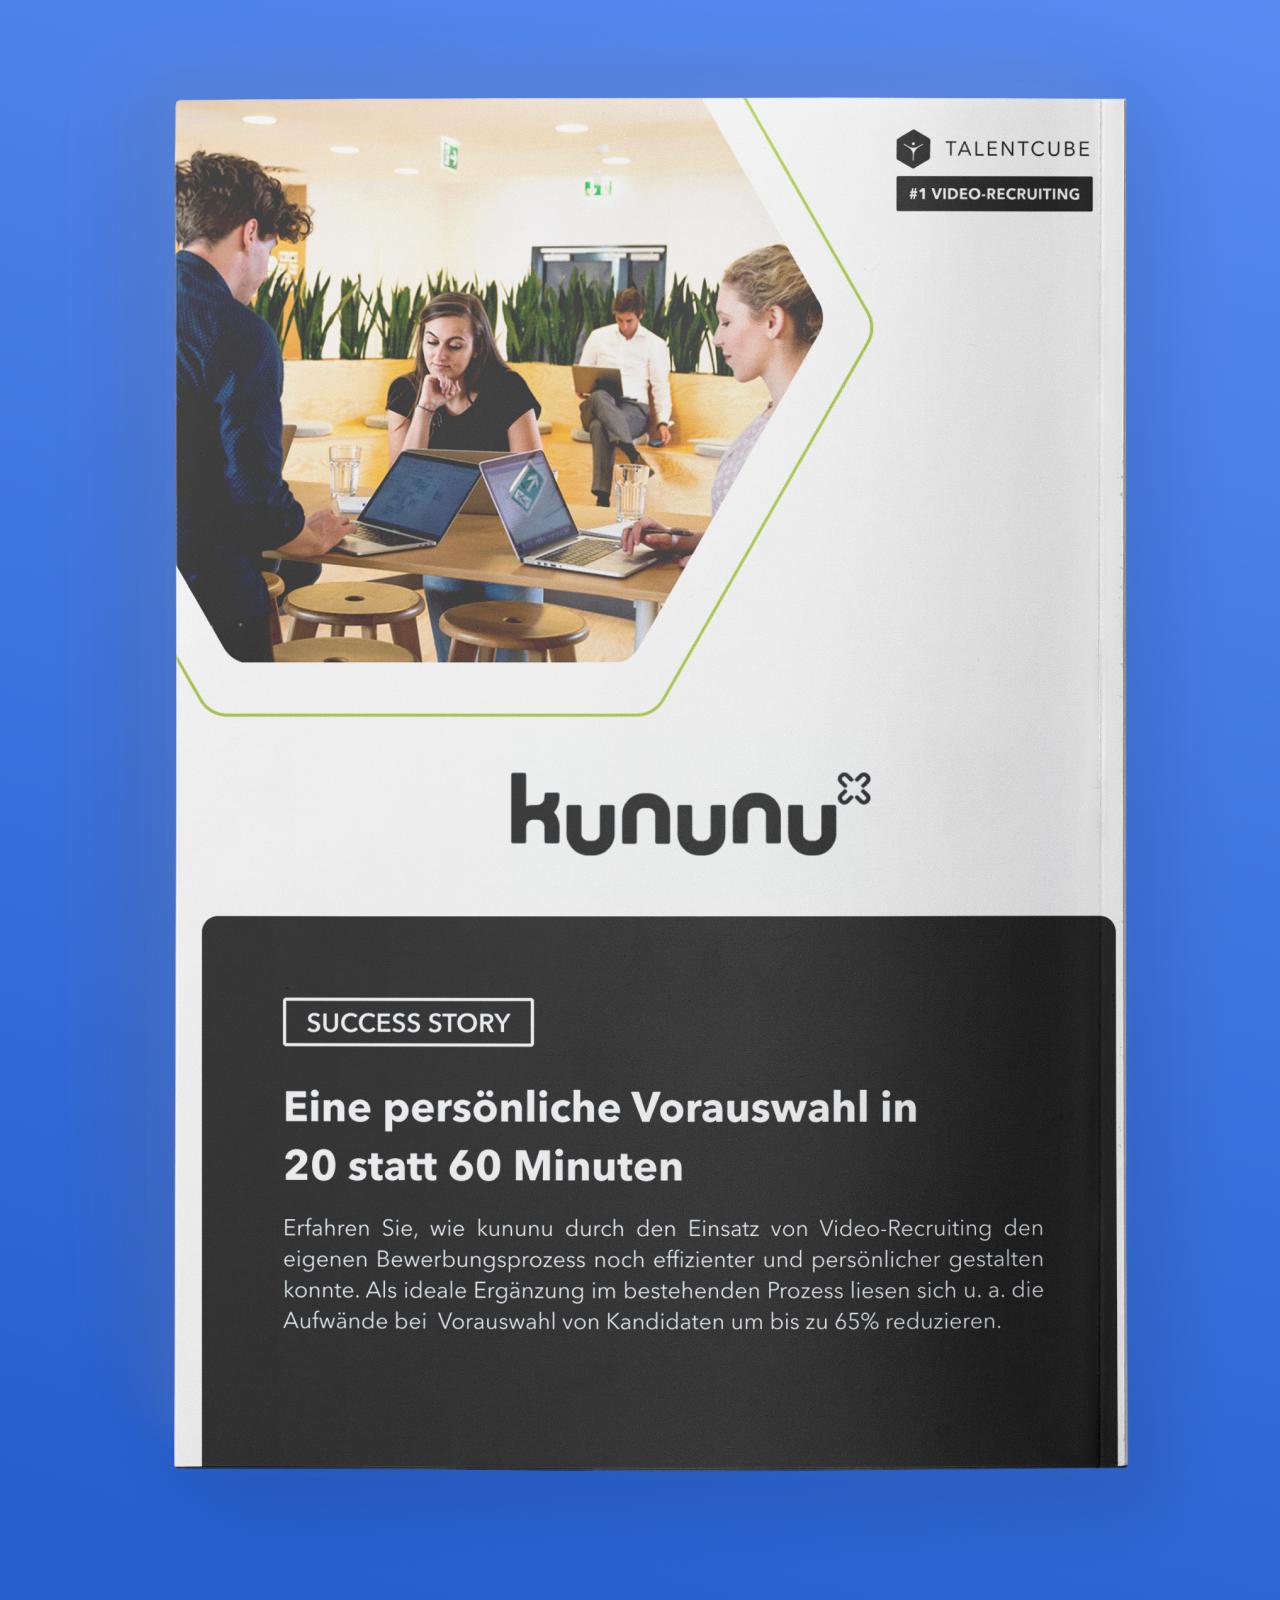 kununu – Eine persönliche Vorauswahl in  20 statt 60 Minuten